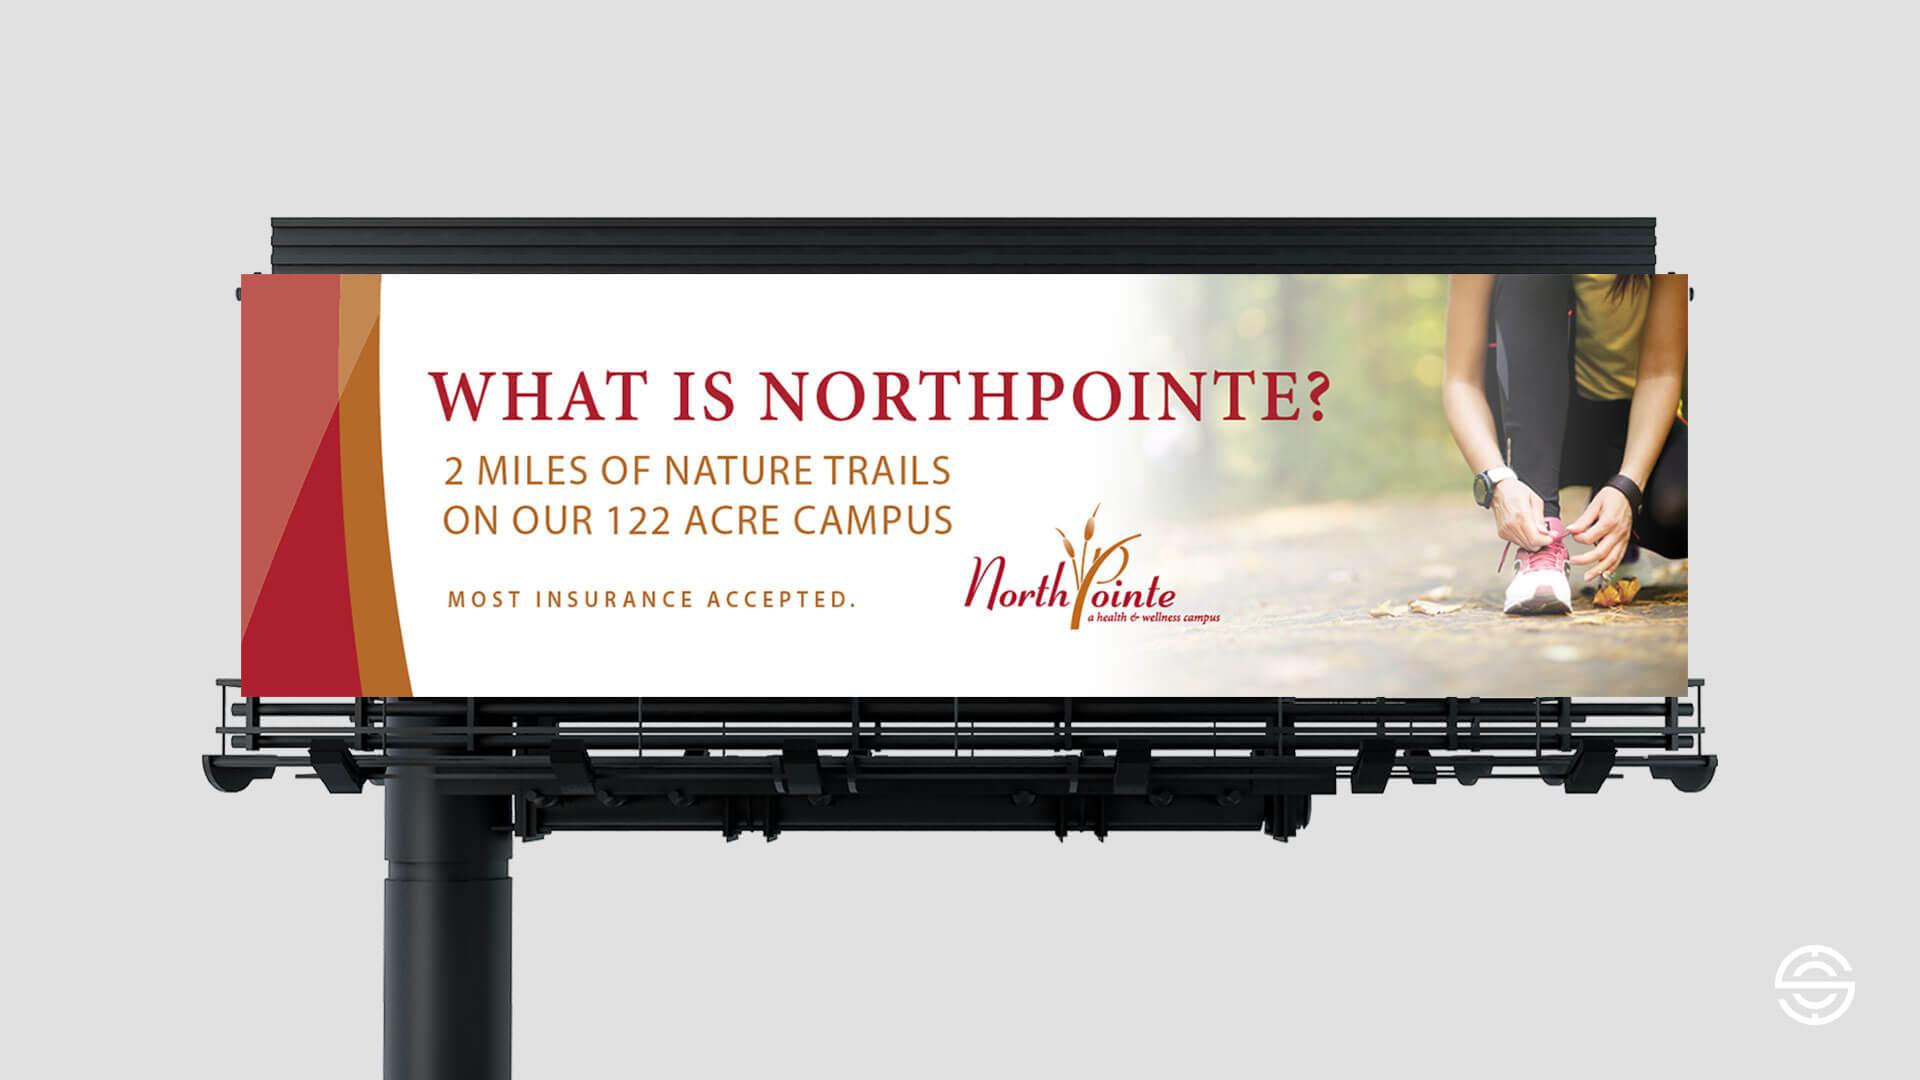 np-whatis-naturetrails-billboard.jpg